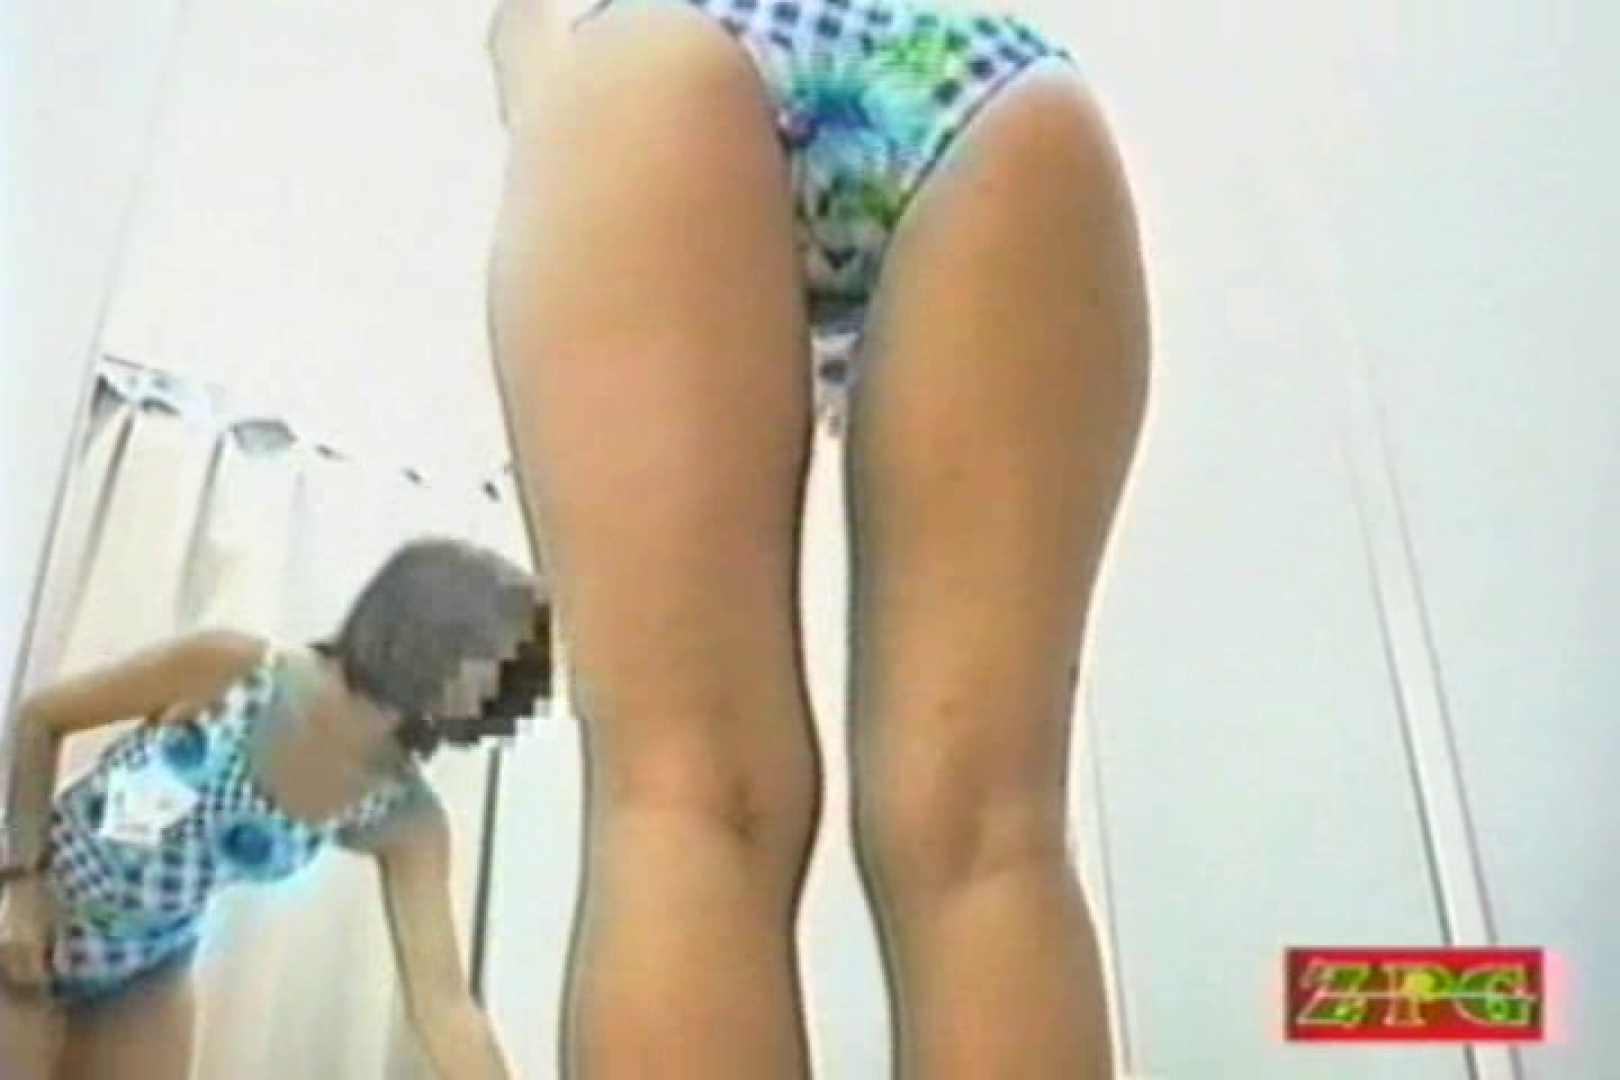 大胆!水着試着室の乙女達mo-7 日焼け 戯れ無修正画像 73PICs 50